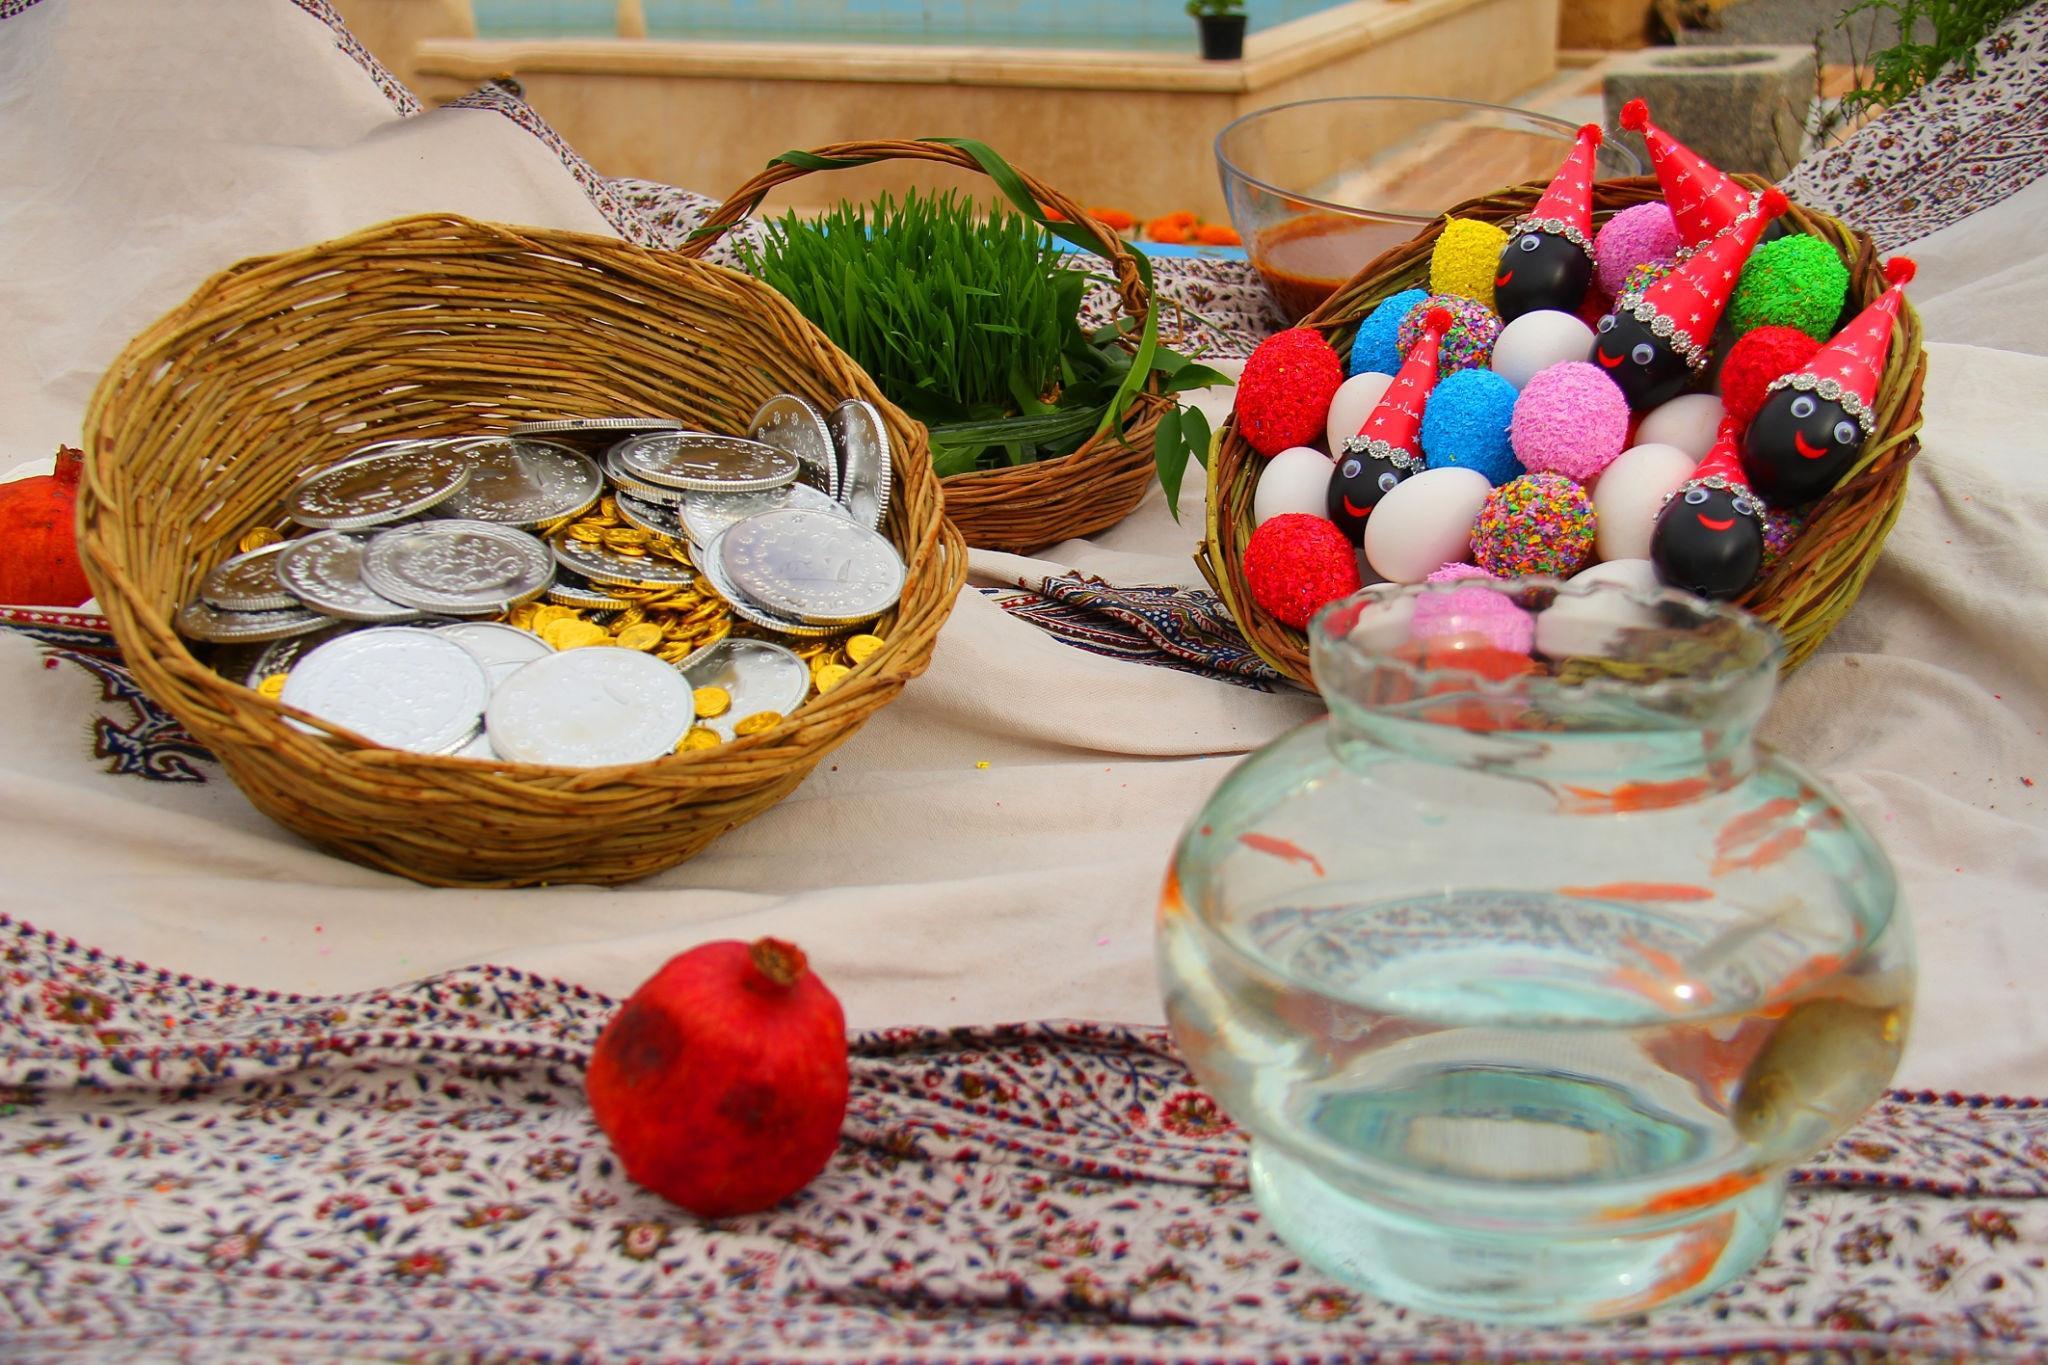 تخم مرغ هفت سین - سکه و سبزه